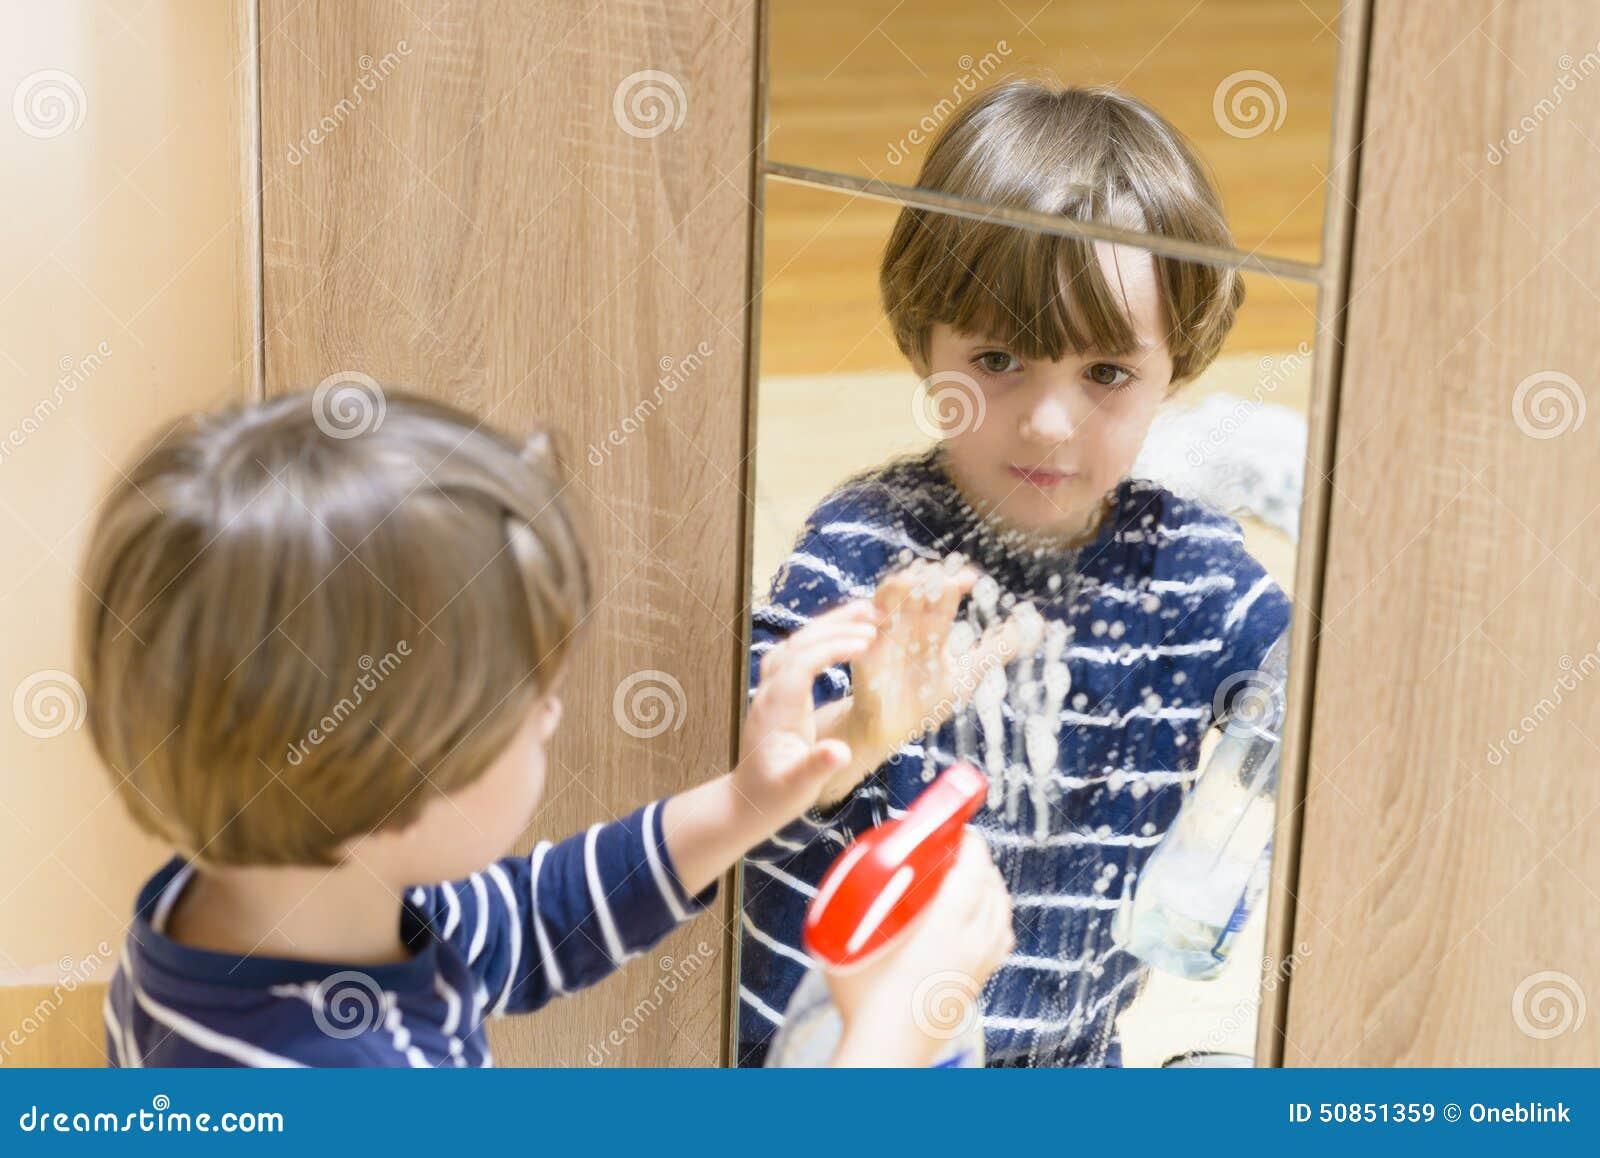 清洗镜子的男孩